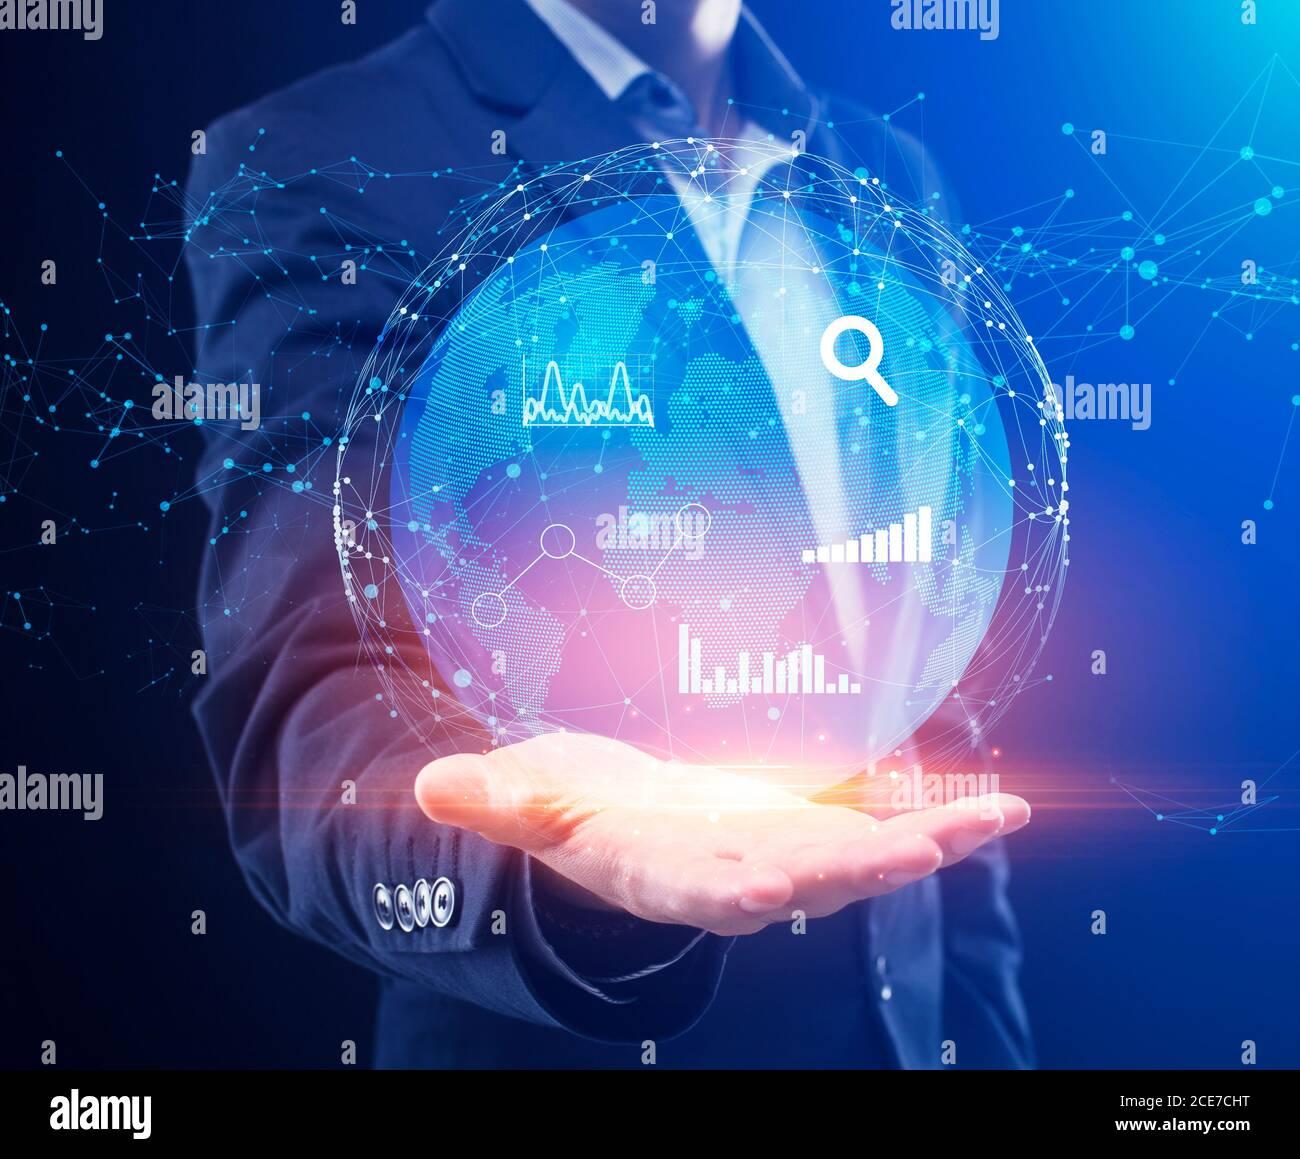 Gestion globale des données métiers. Homme d'affaires tenant Globe Hologram avec graphiques et graphiques Banque D'Images